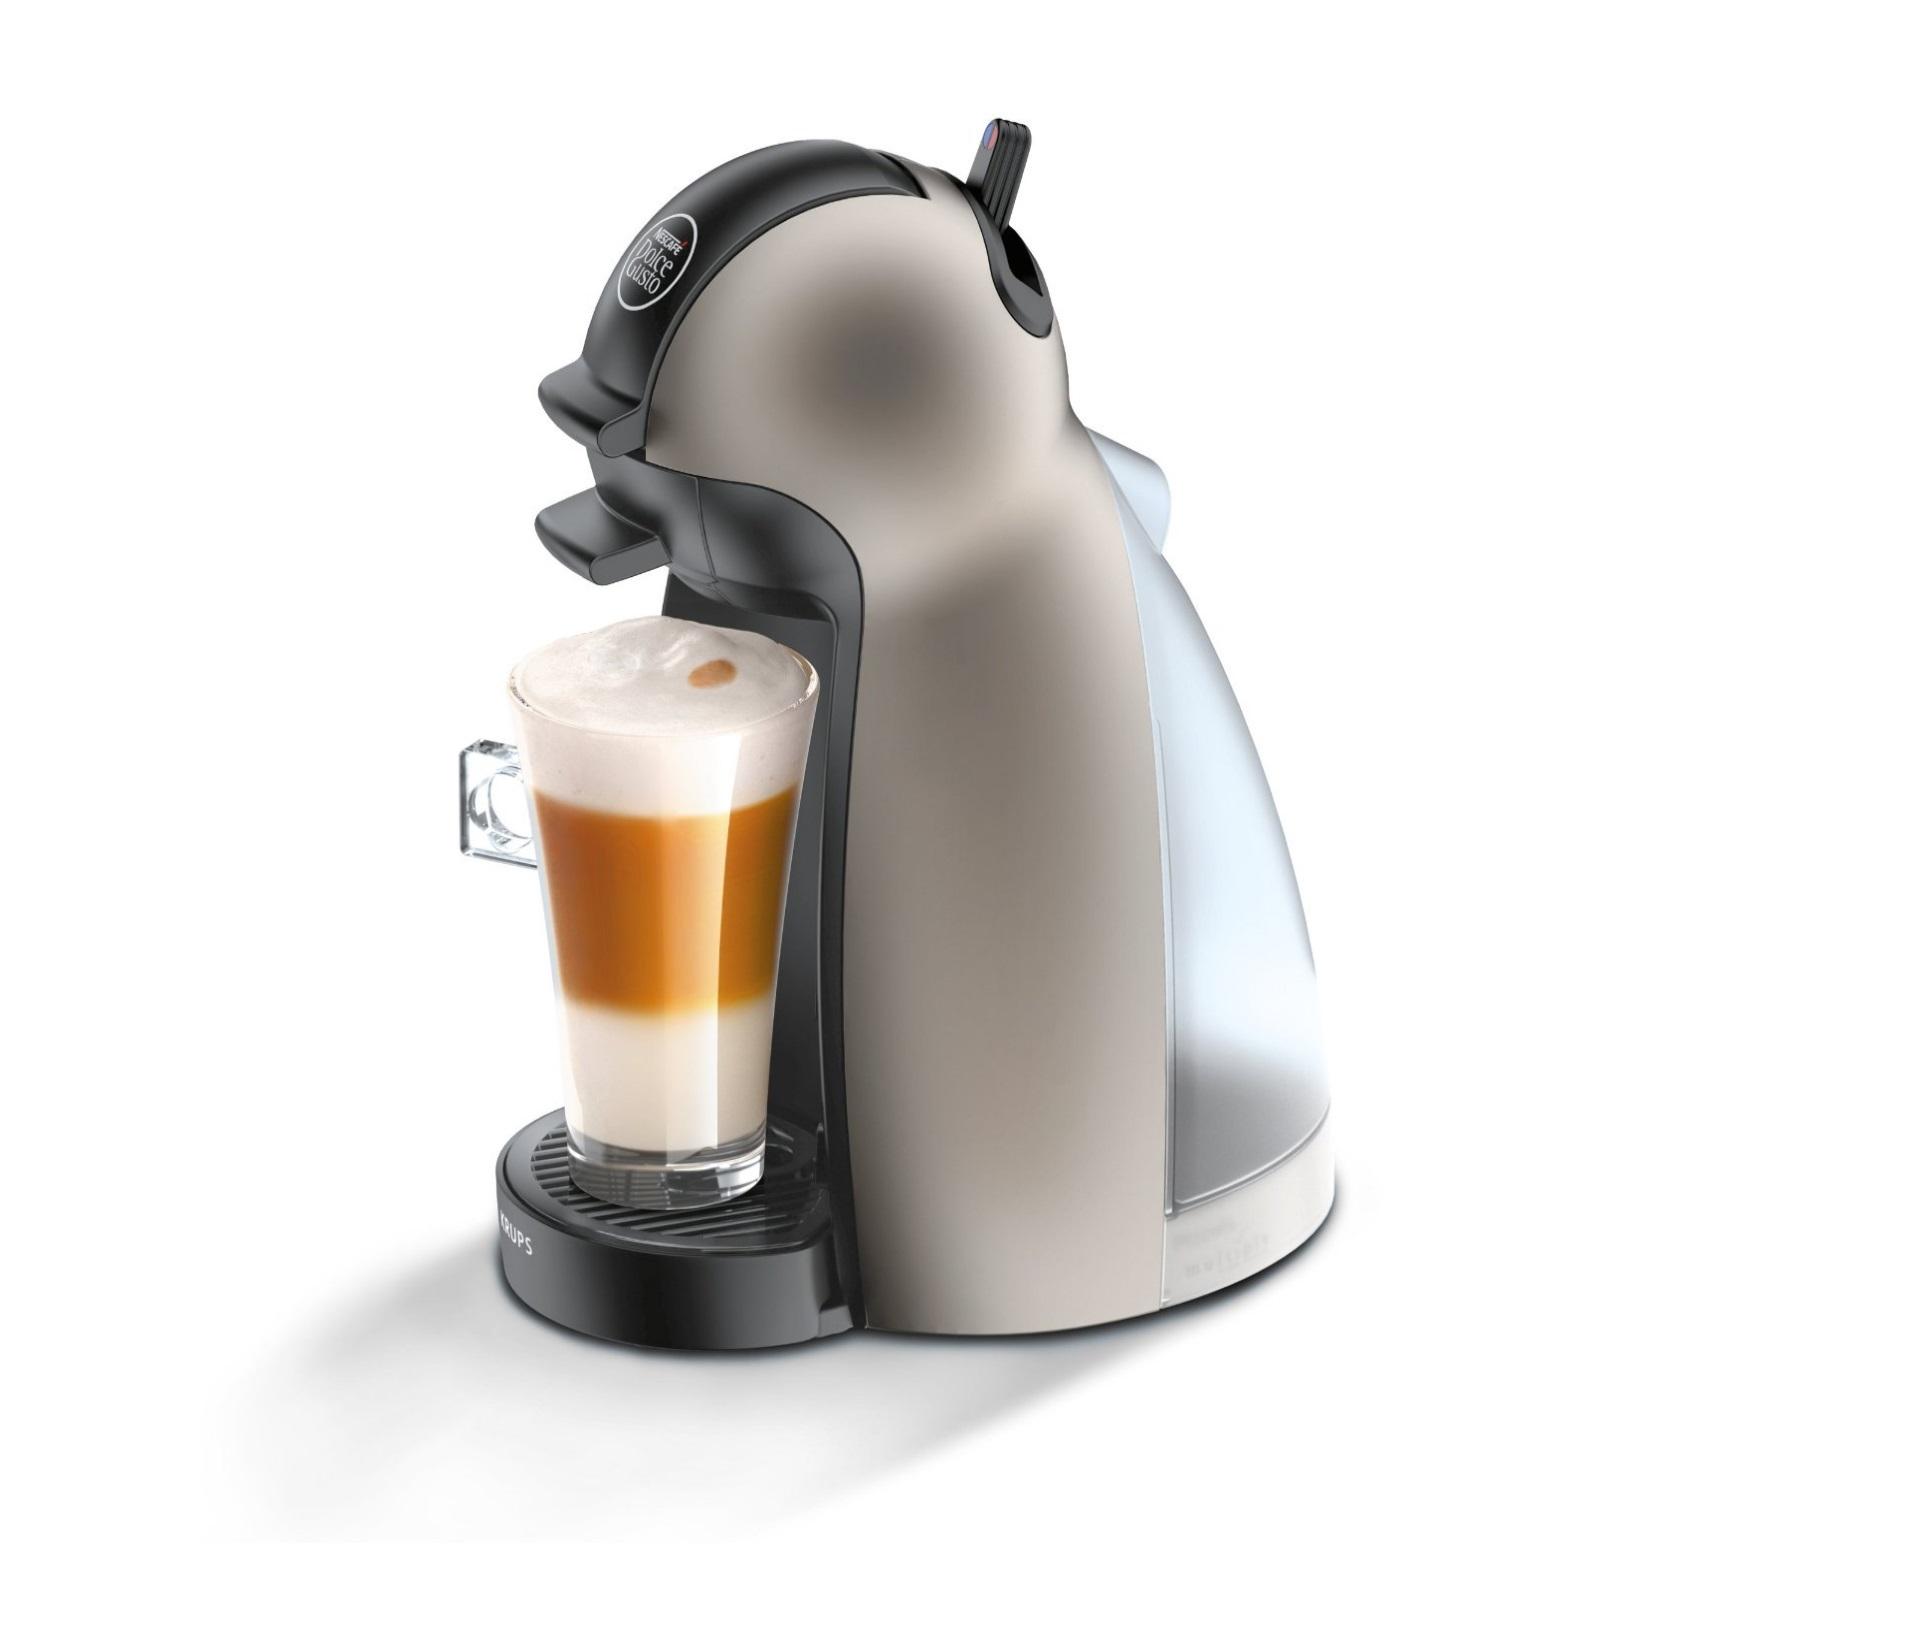 Krups-KP-1009-Nescafé-Dolce-Gusto-Piccolo Dolce Gusto Piccolo